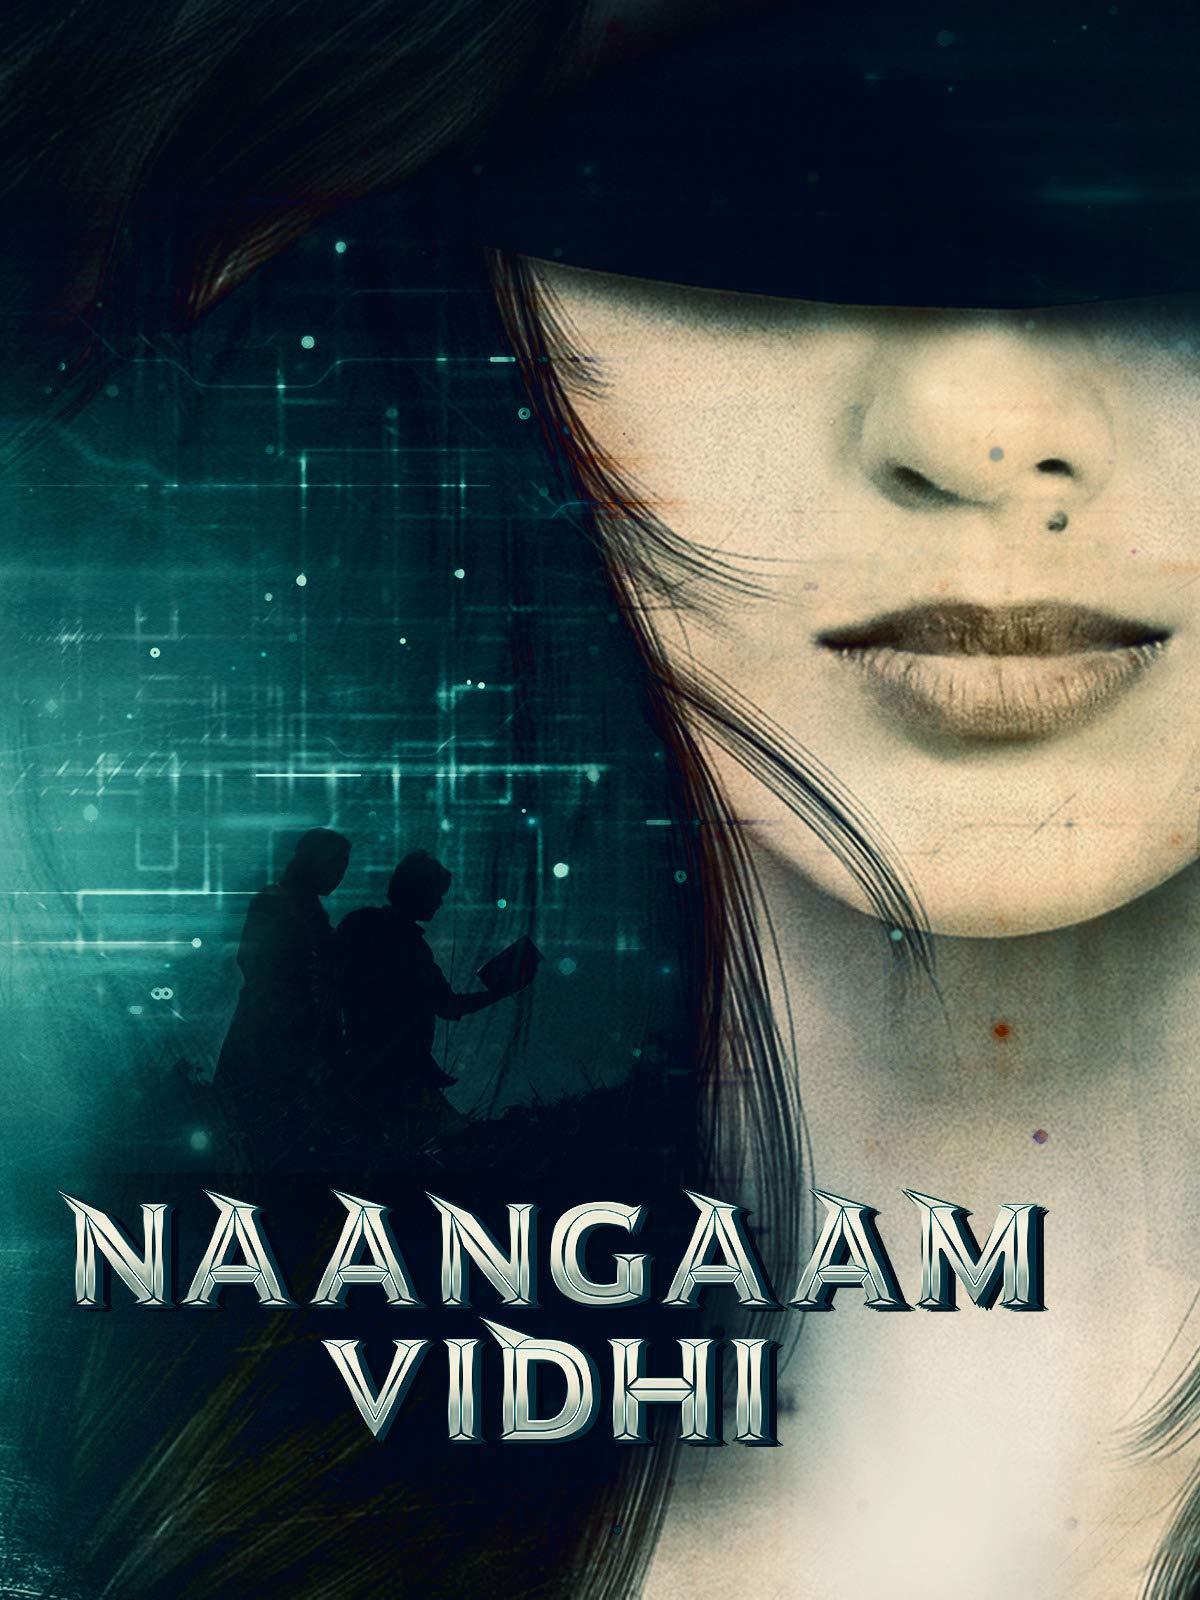 Naangaam Vidhi